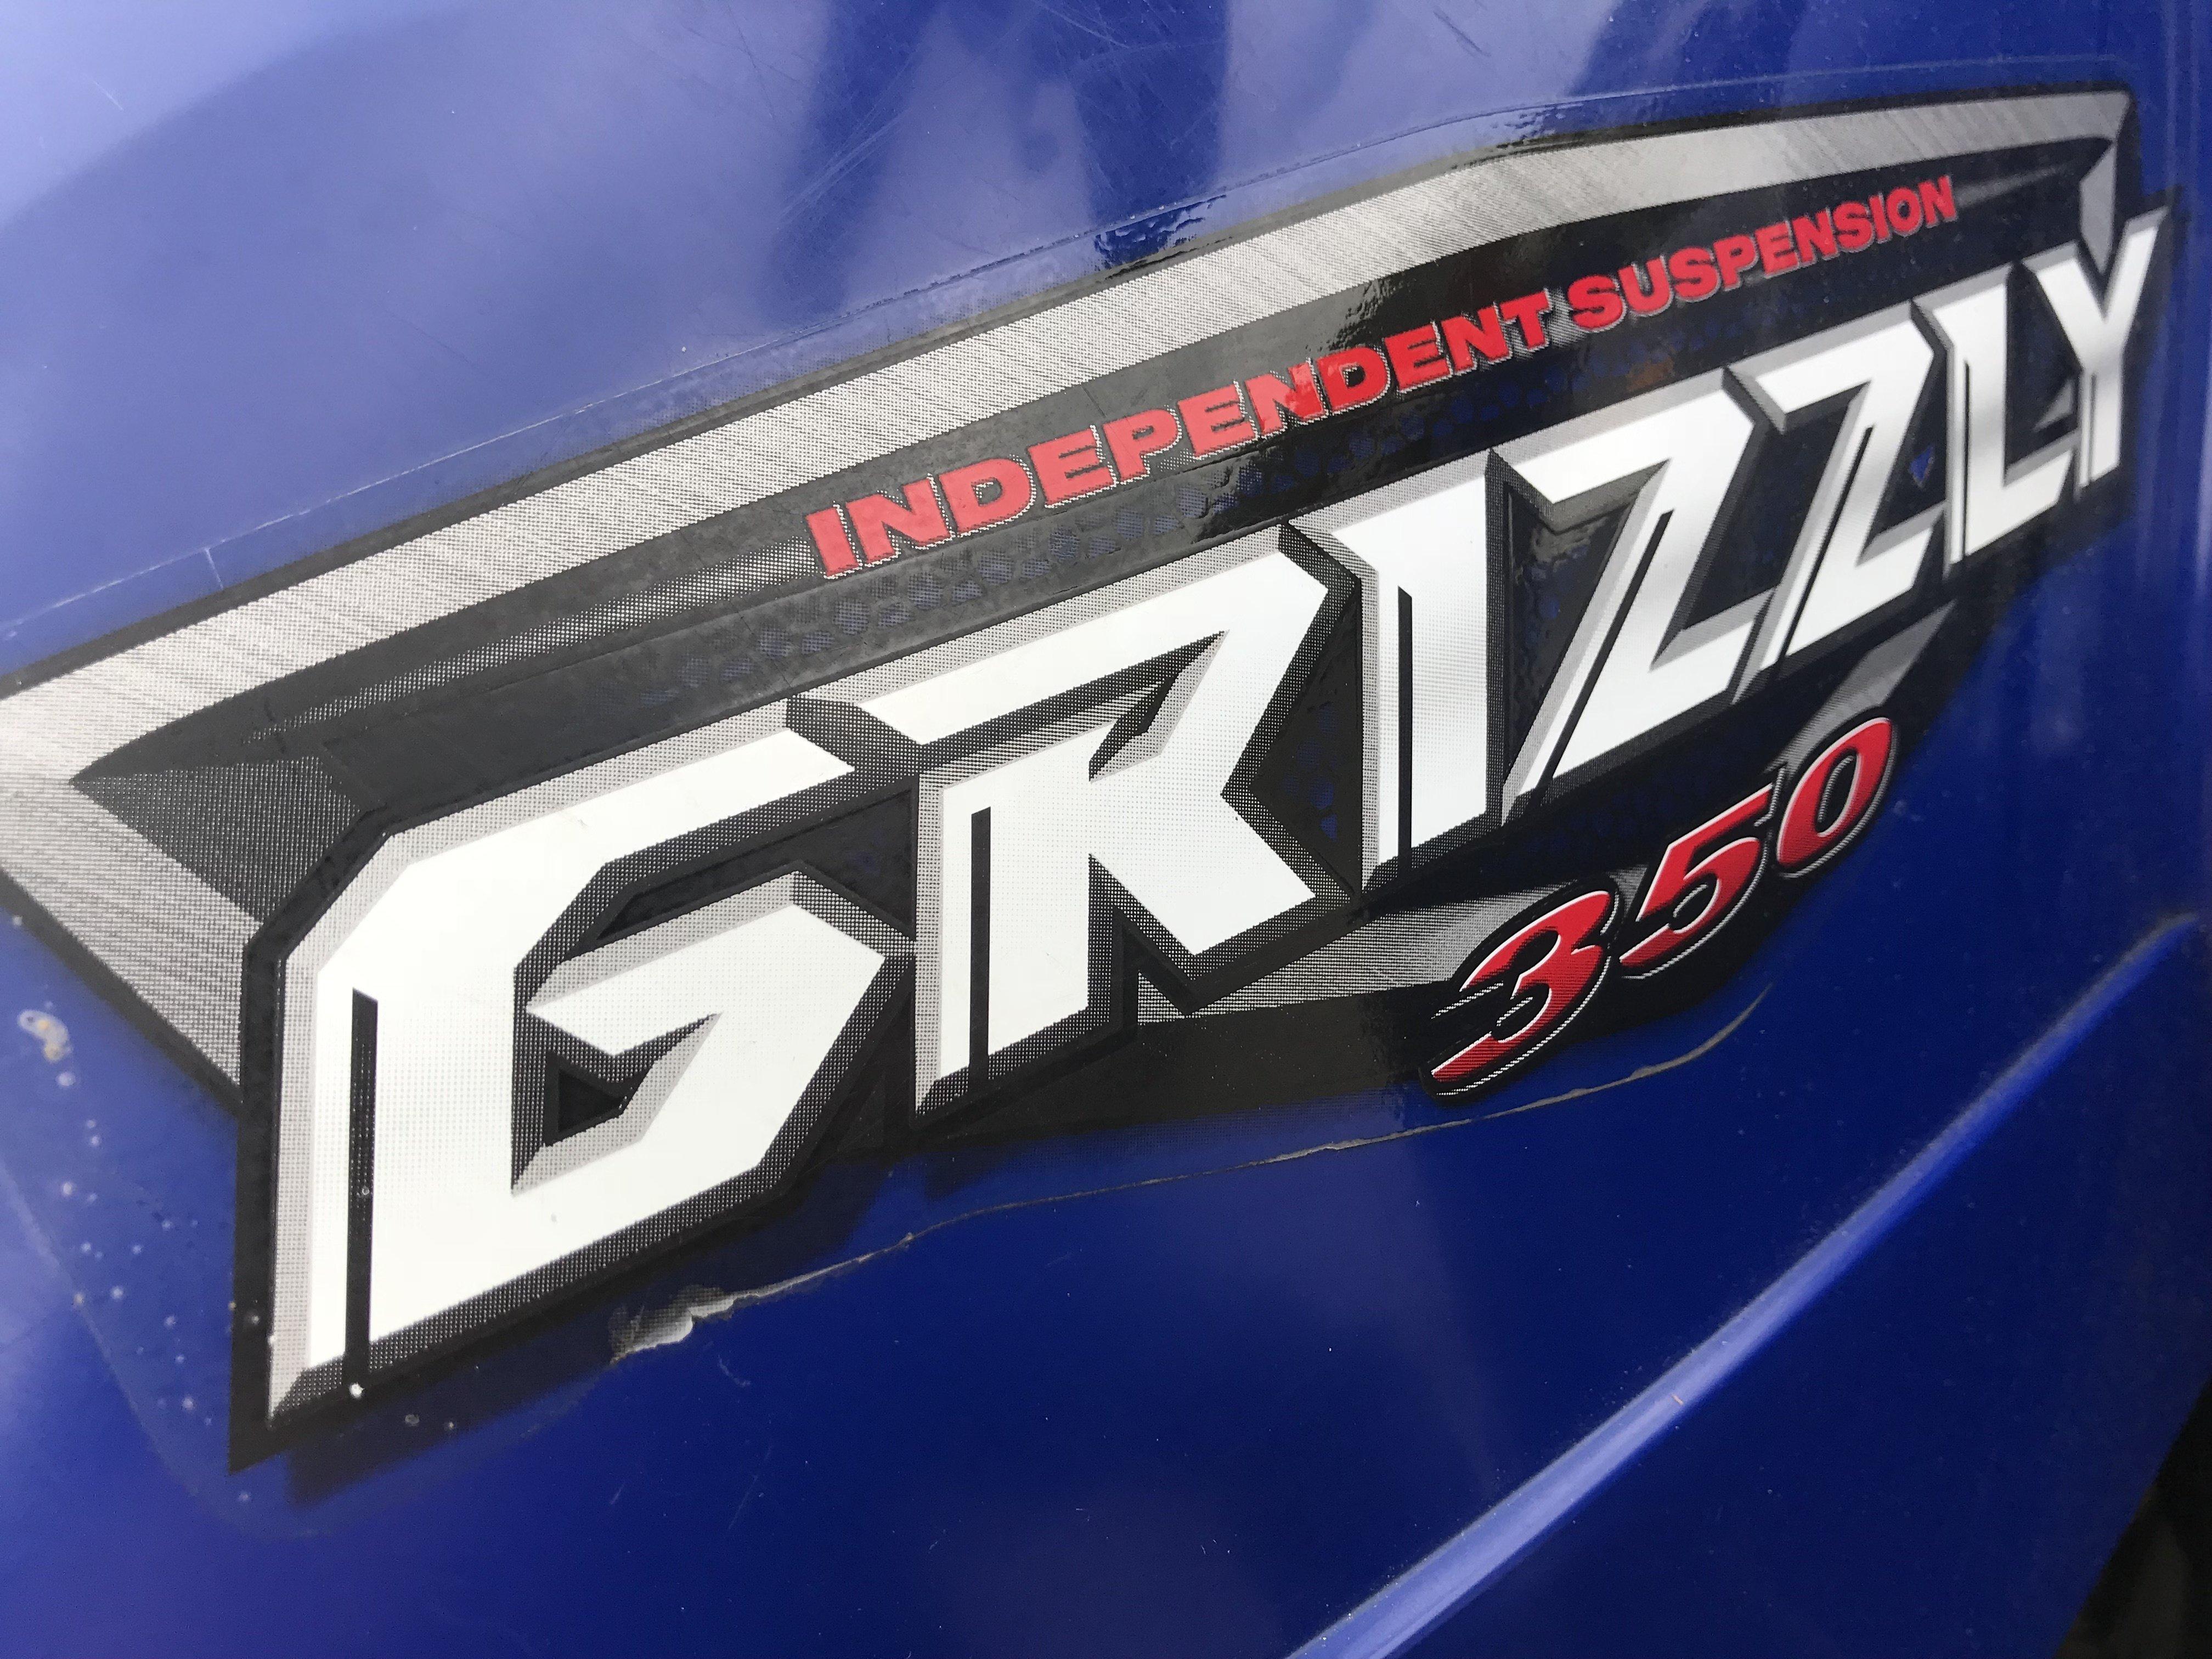 grizzly 350 auto 4x4 near me